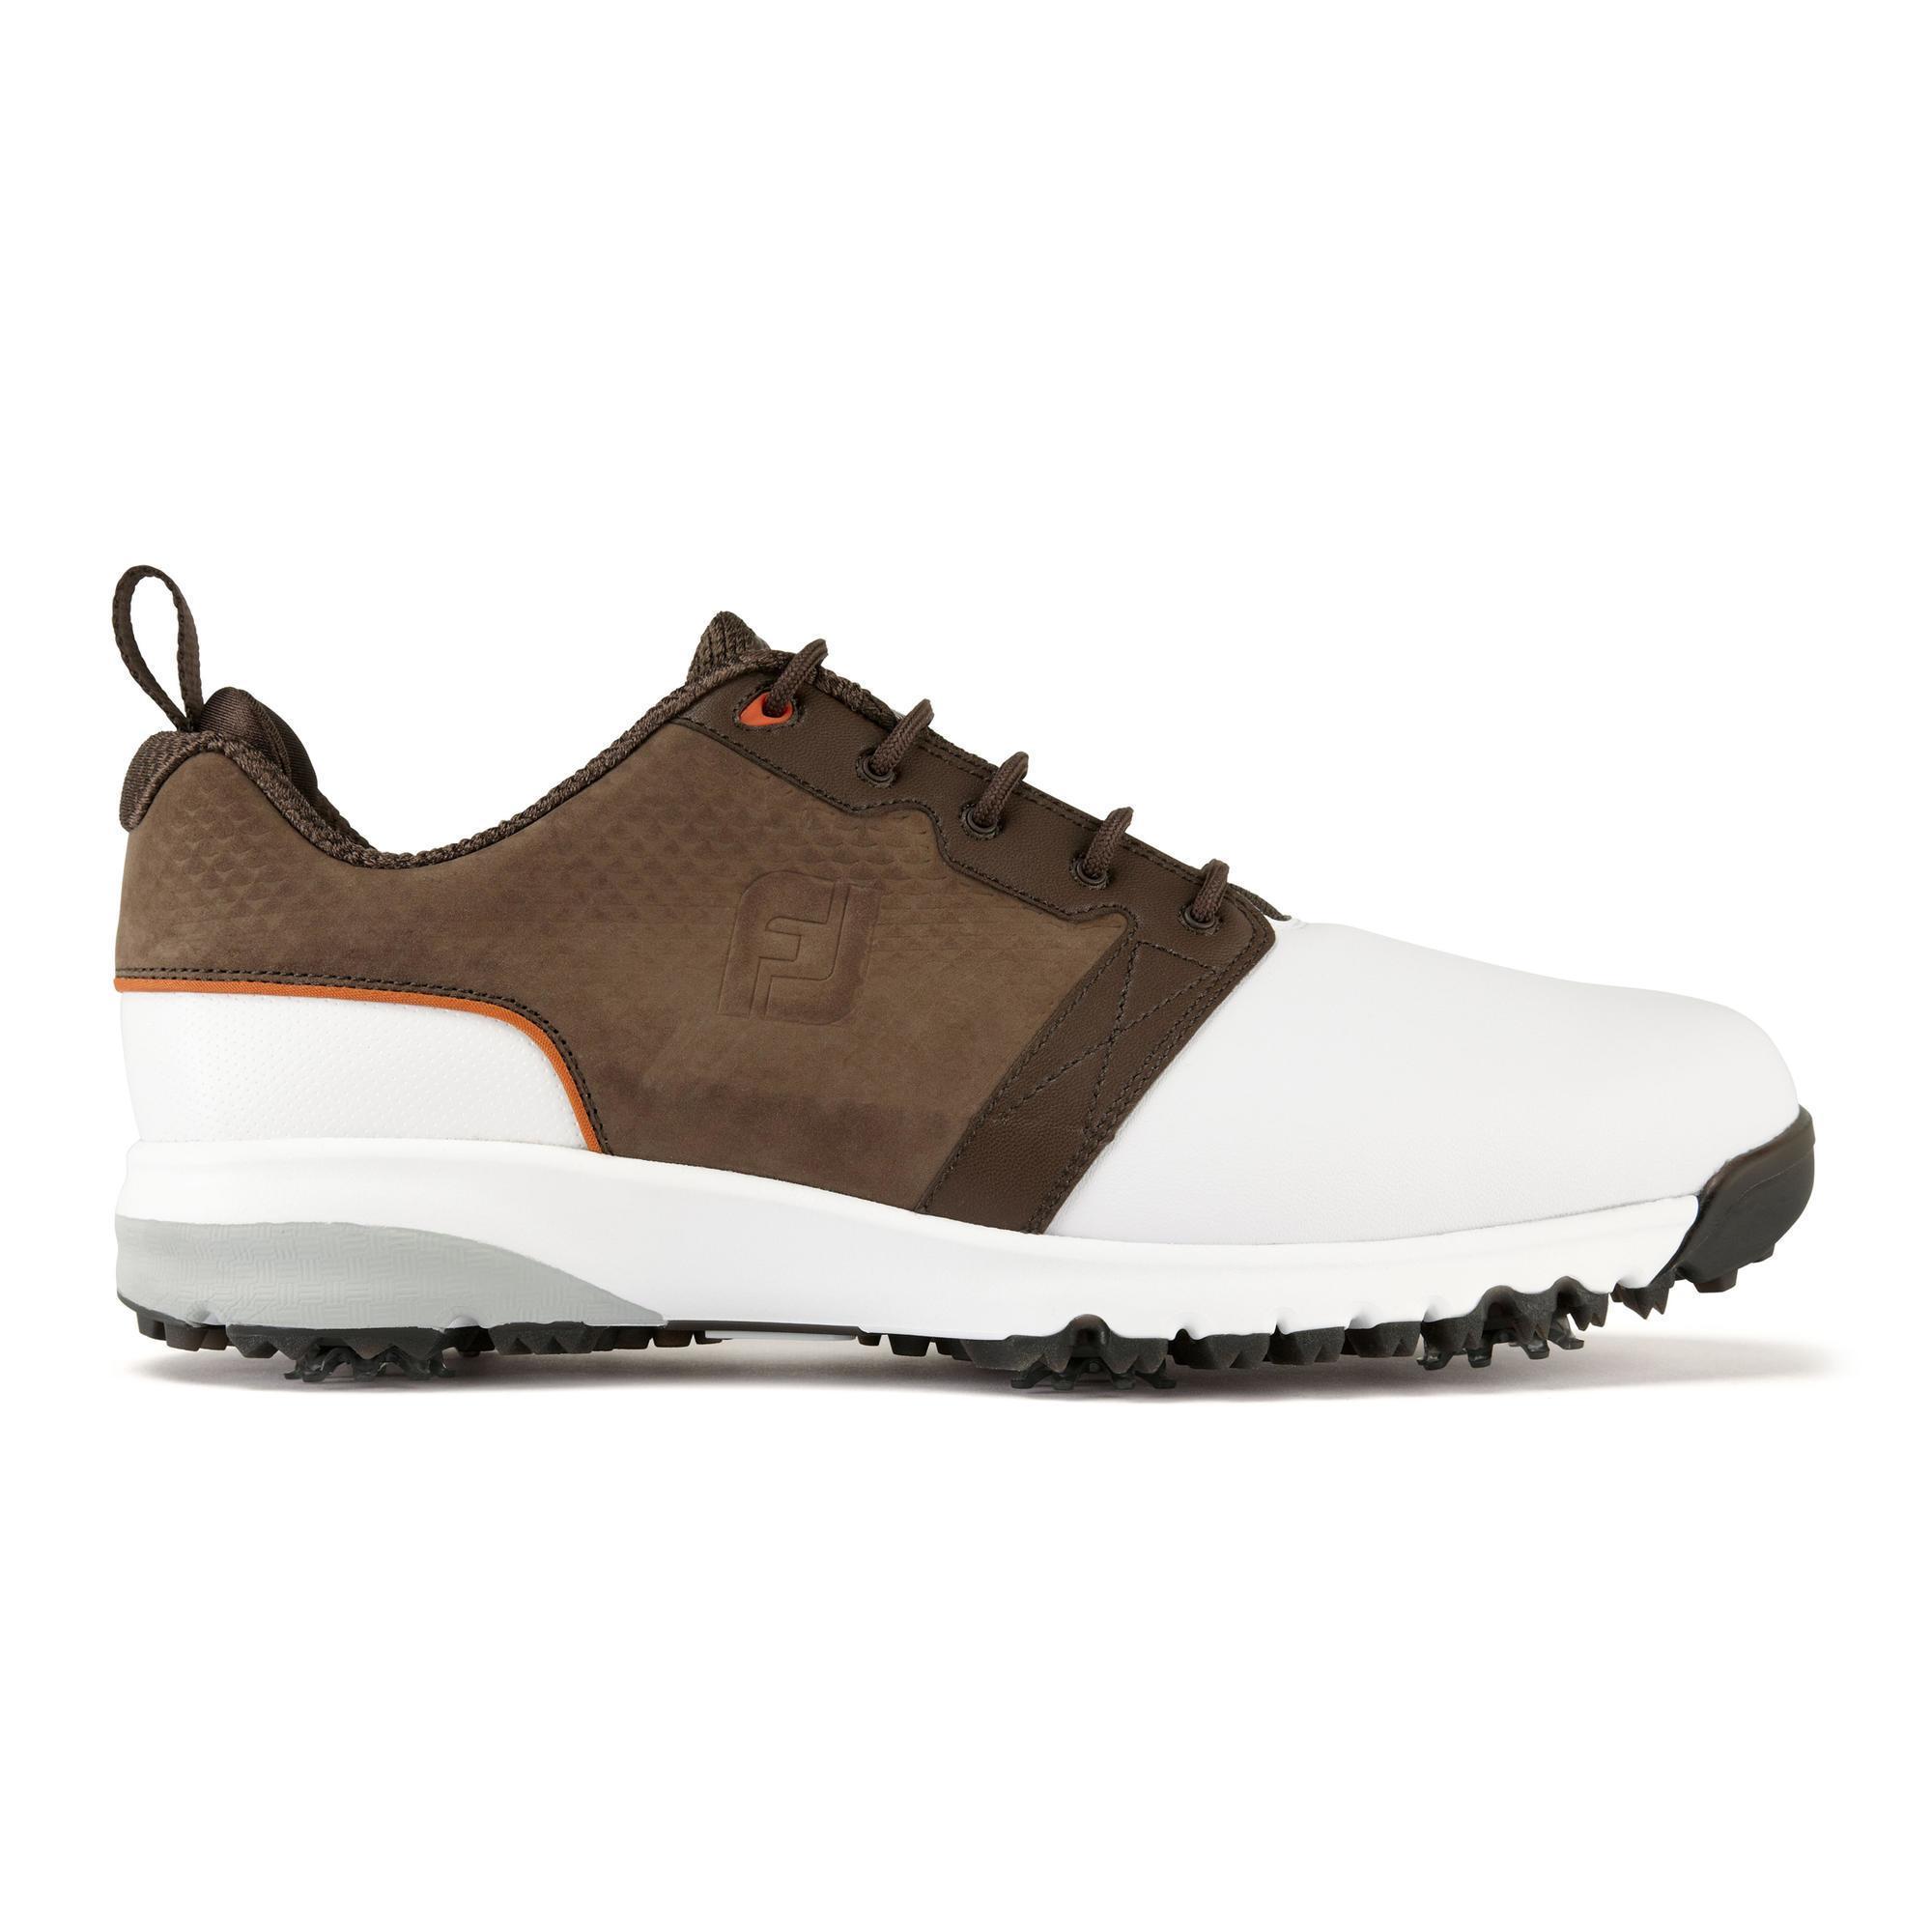 Footjoy Golfschoenen Contour Fit voor heren, wit en bruin